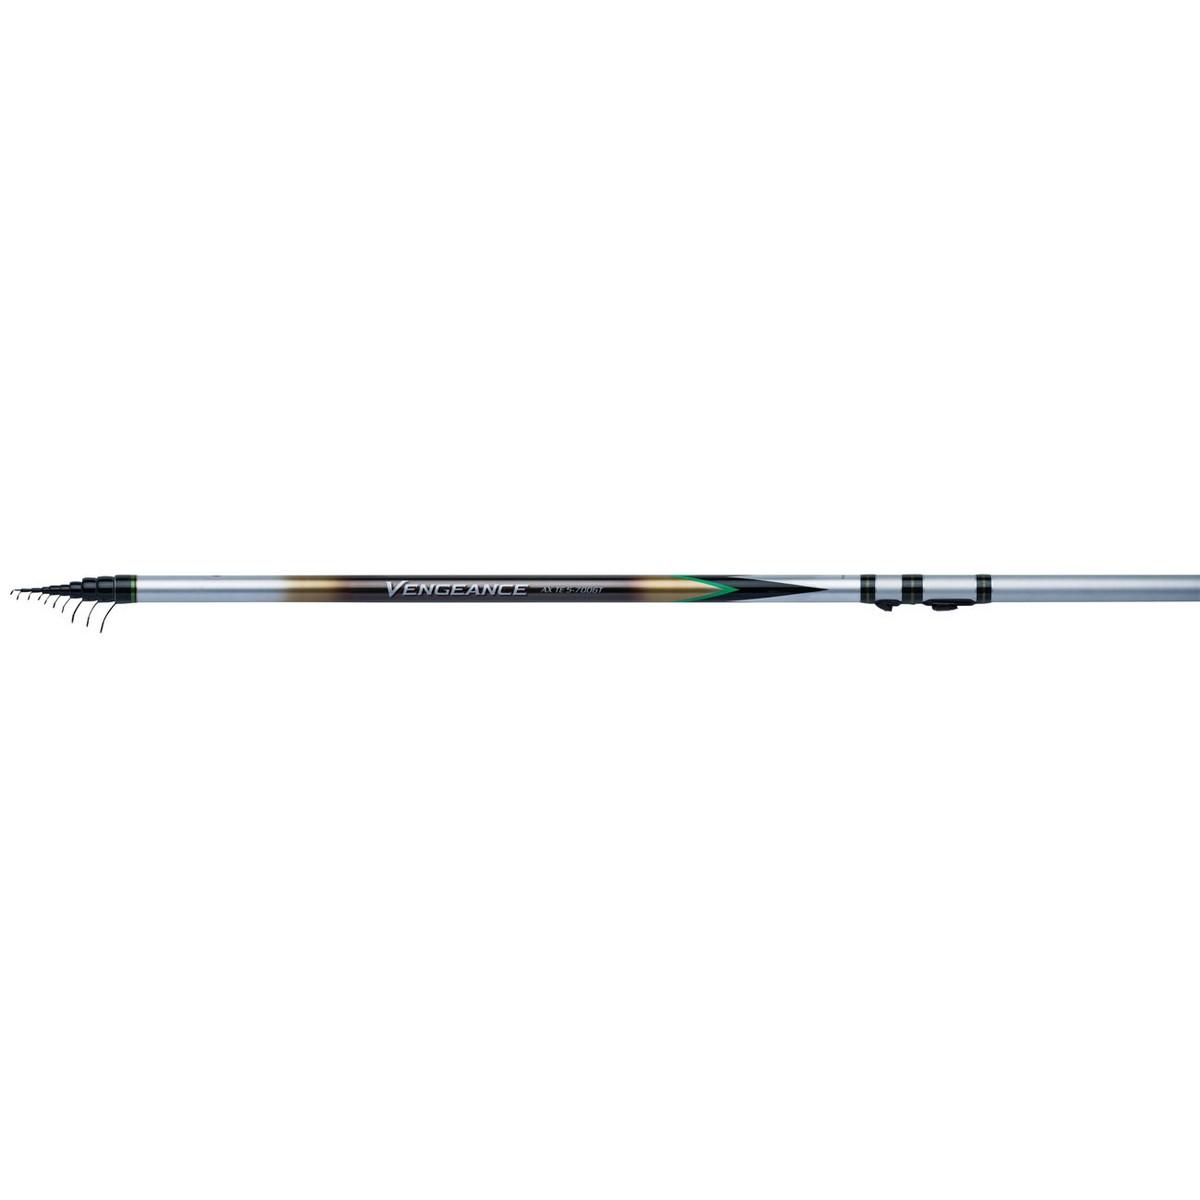 Риболовен прът Shimano Vengeance AX Bolo TE5